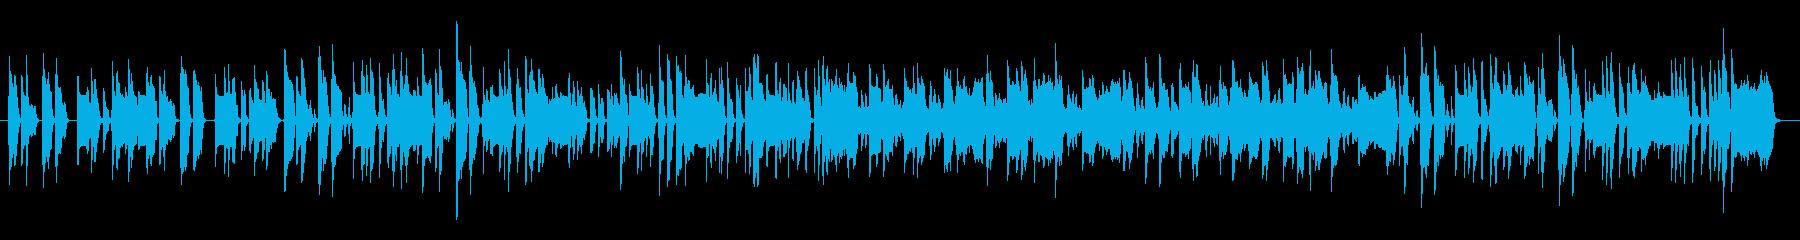 源さんっぽいHappyなポップス 遅版3の再生済みの波形